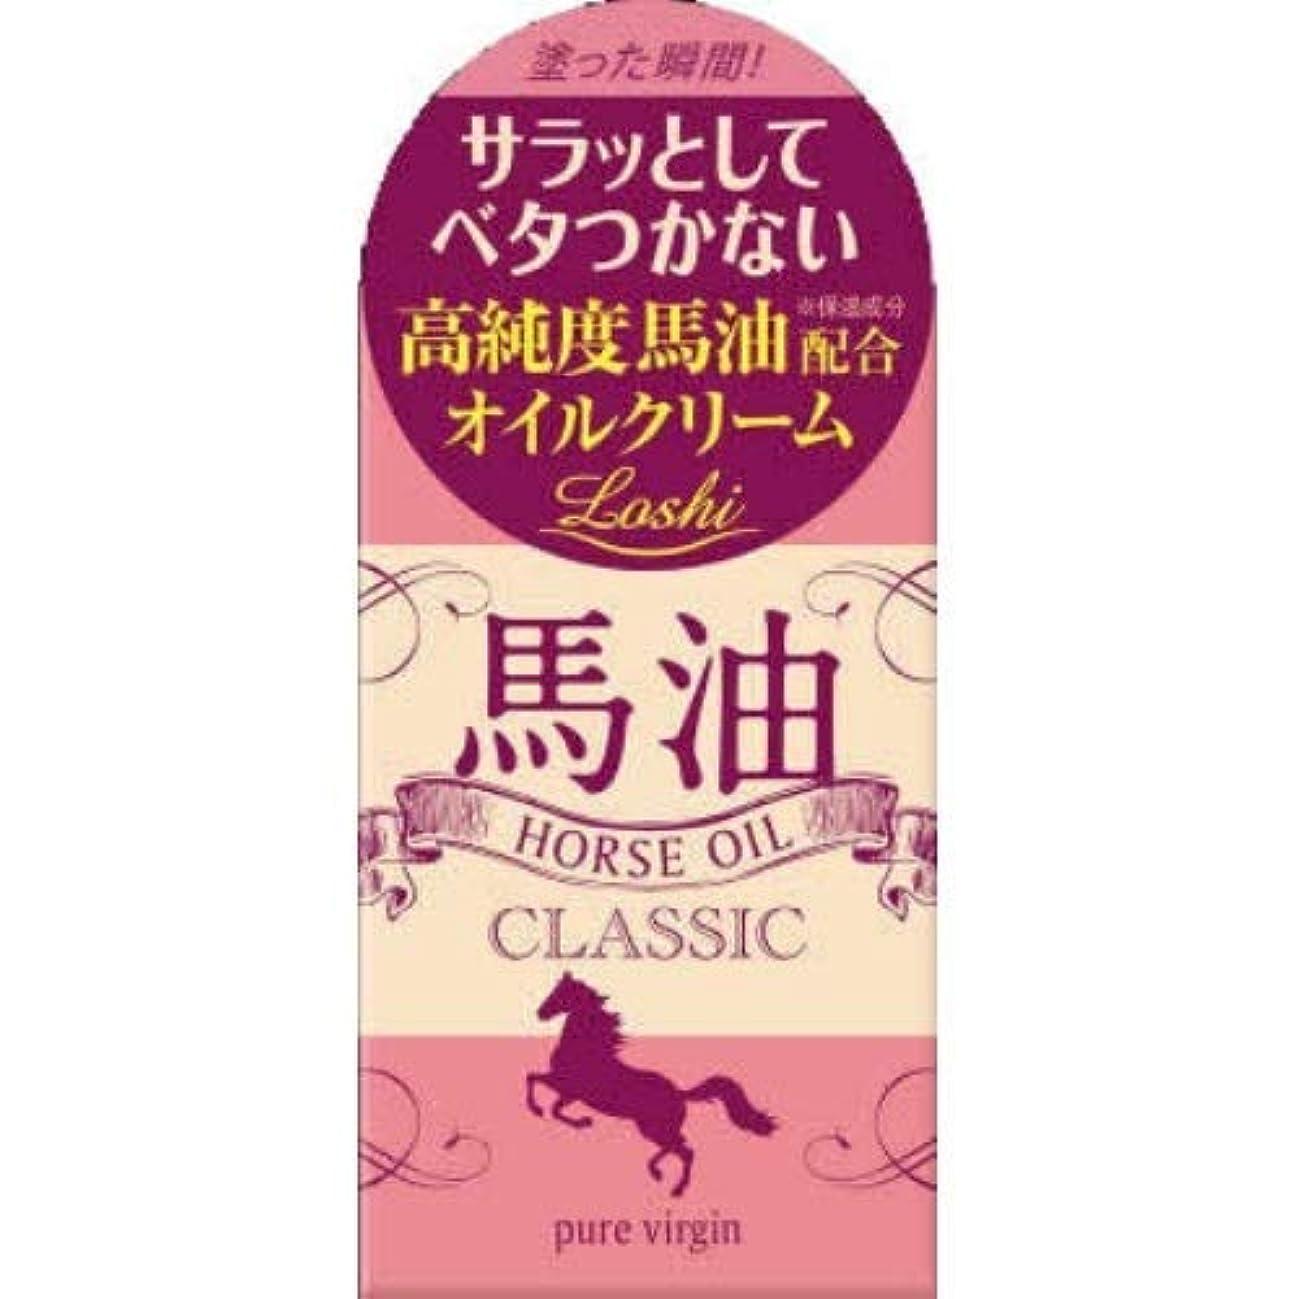 オズワルド残り物朝食を食べるロッシ ピュアヴァージンオイルクリームB × 8個セット